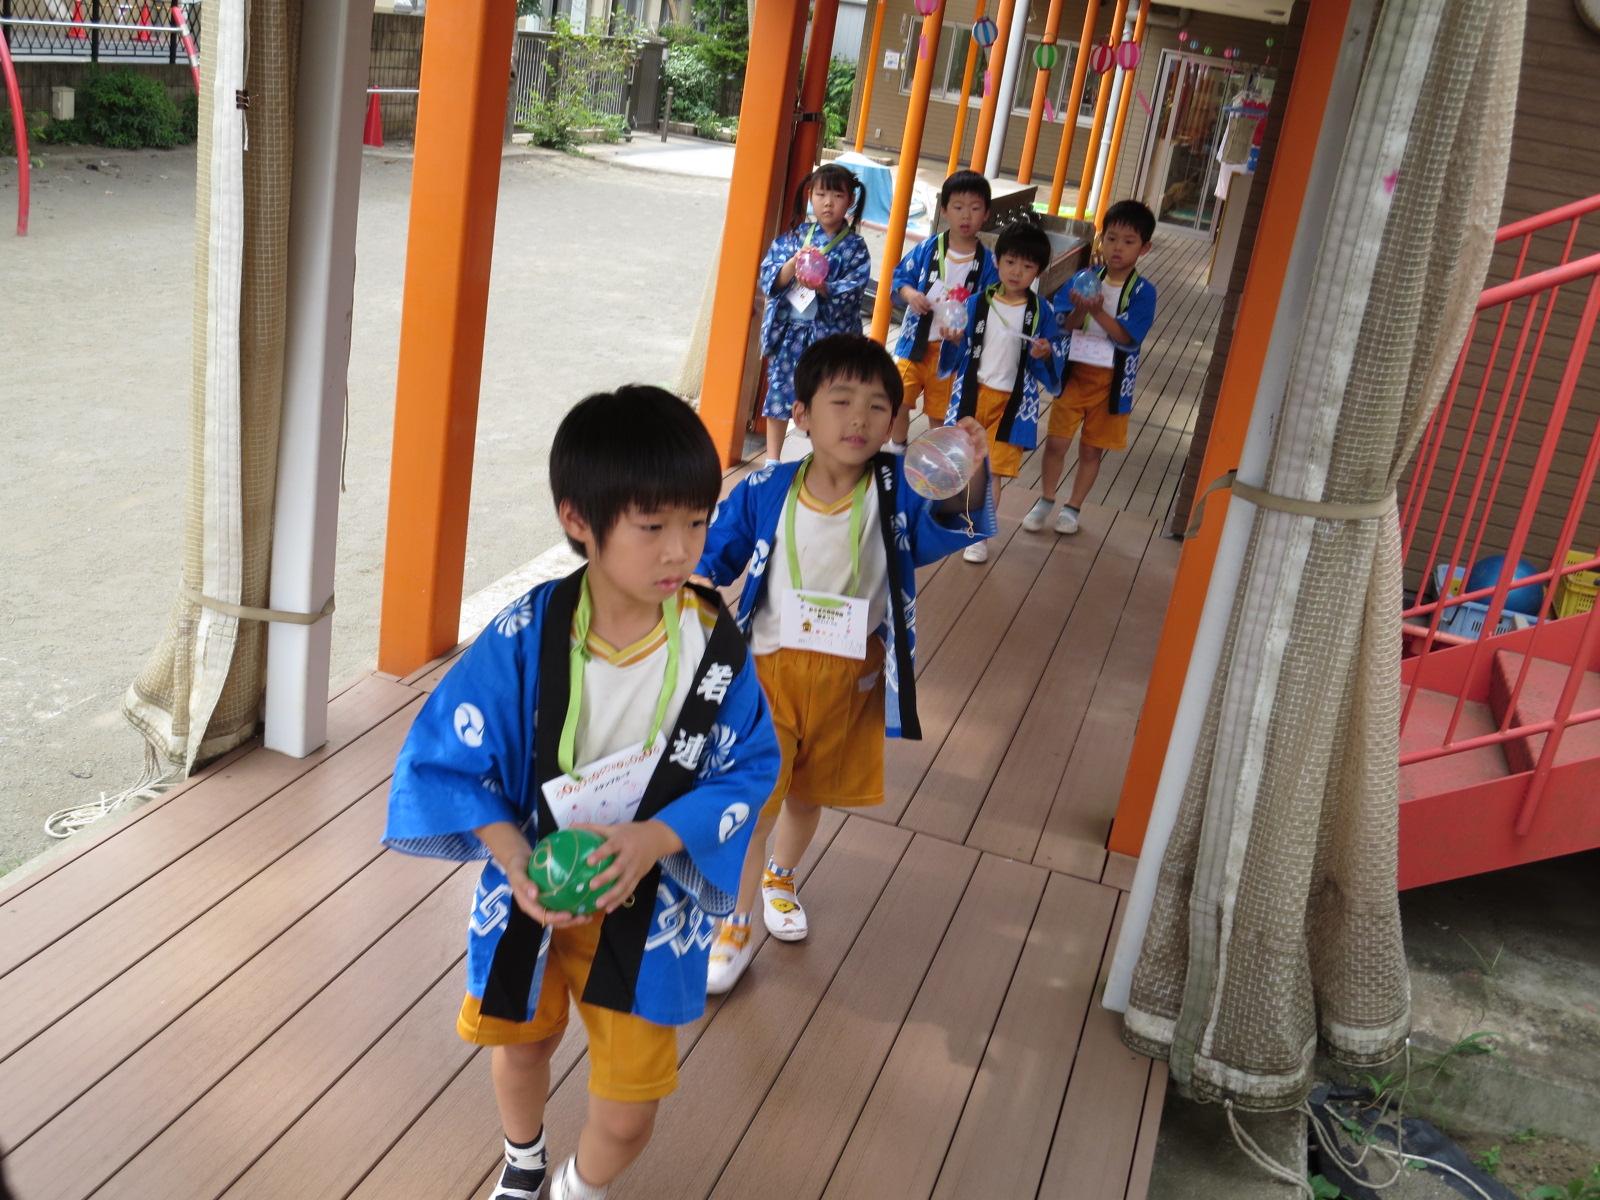 おうぎ組(5歳児)✩夏祭り